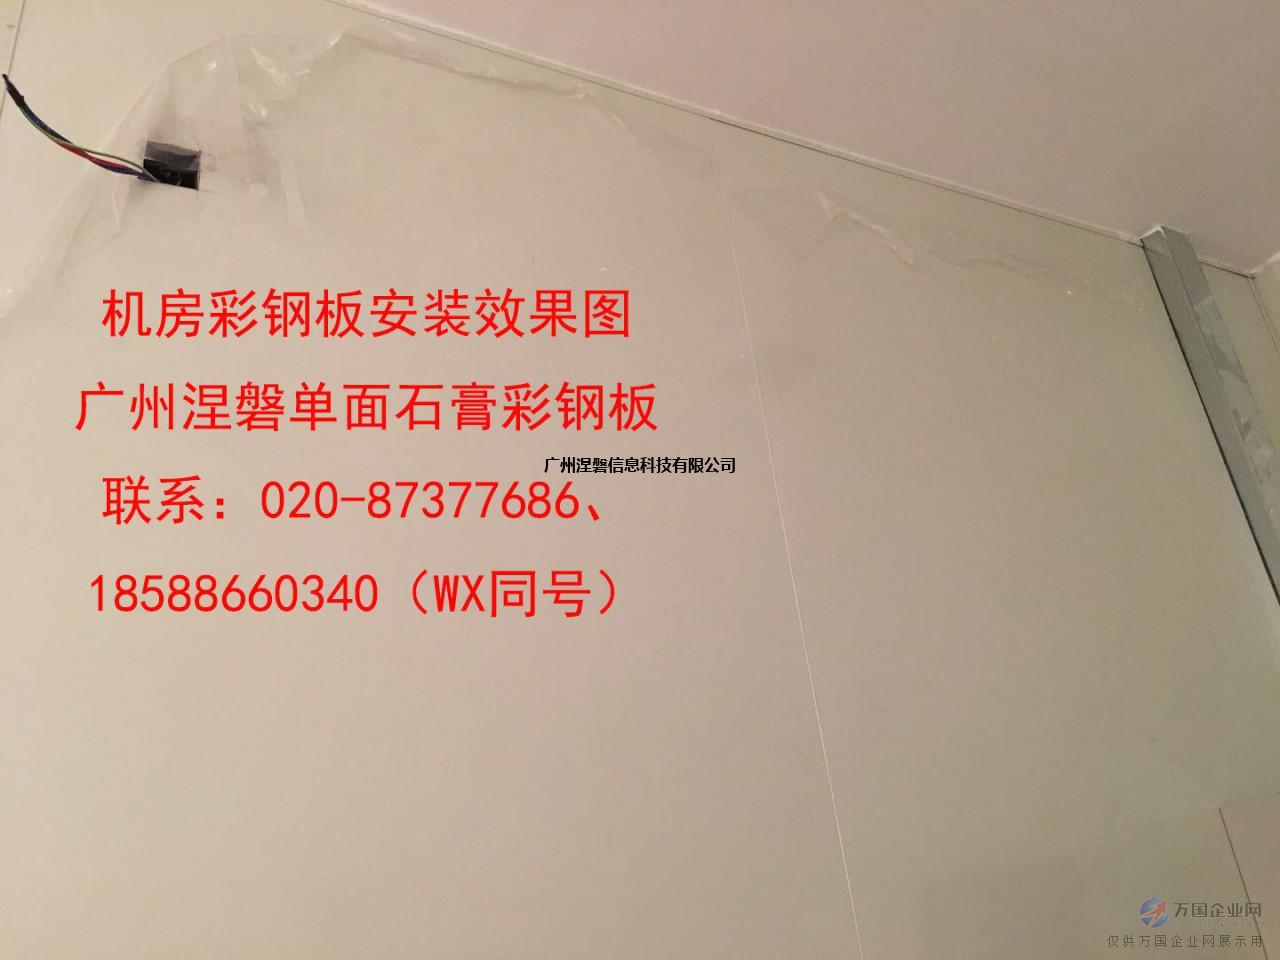 机房彩钢板选择-广州涅磐彩钢板质量保障